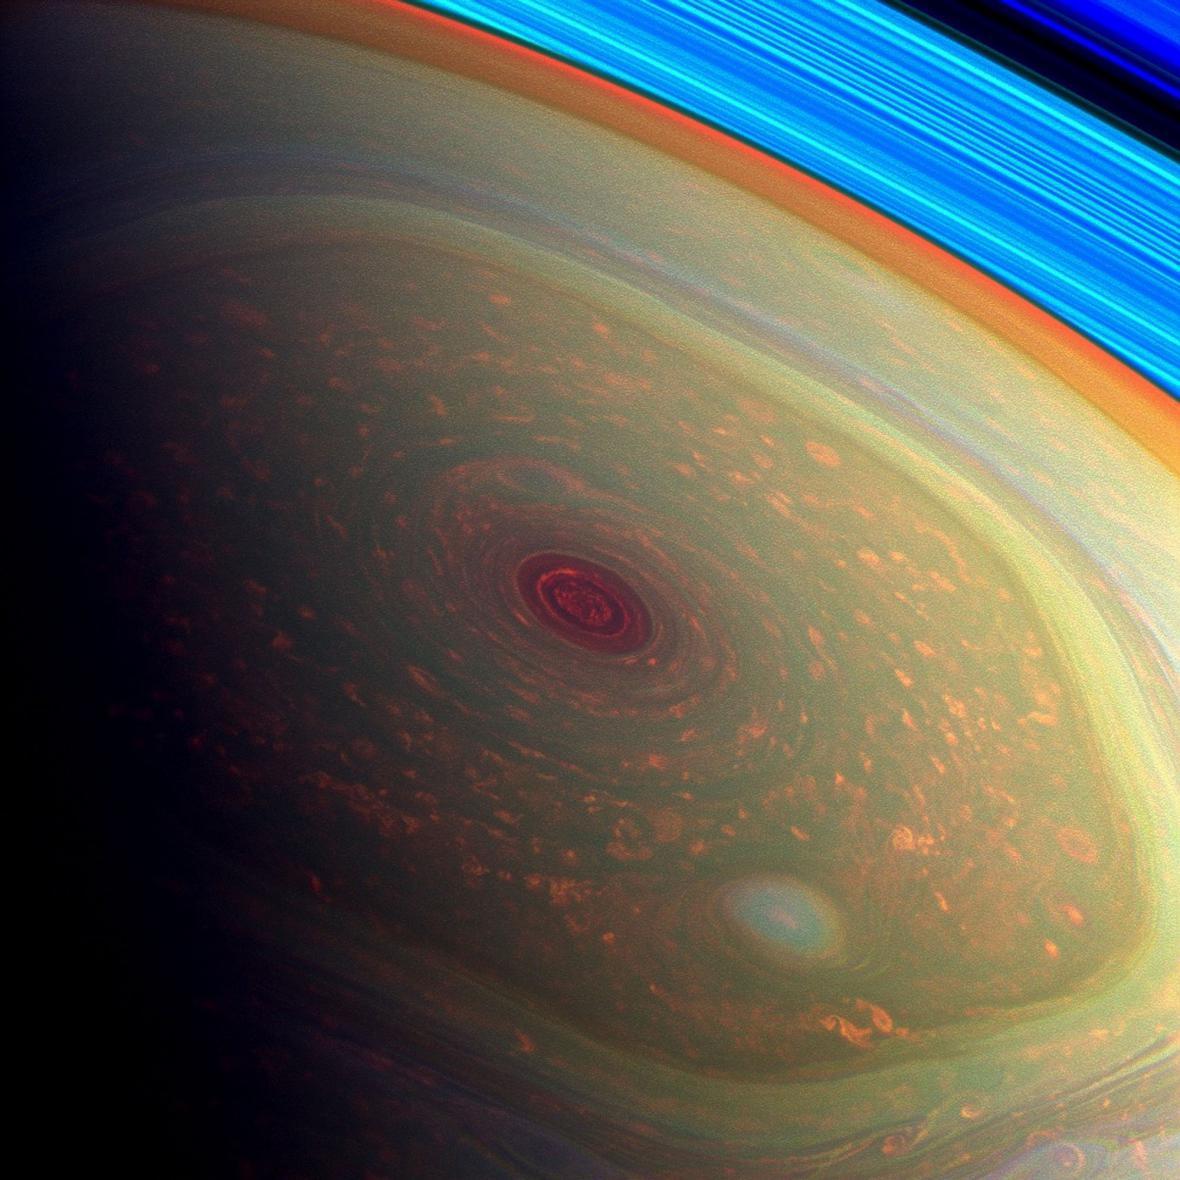 Hurikán na Saturnu